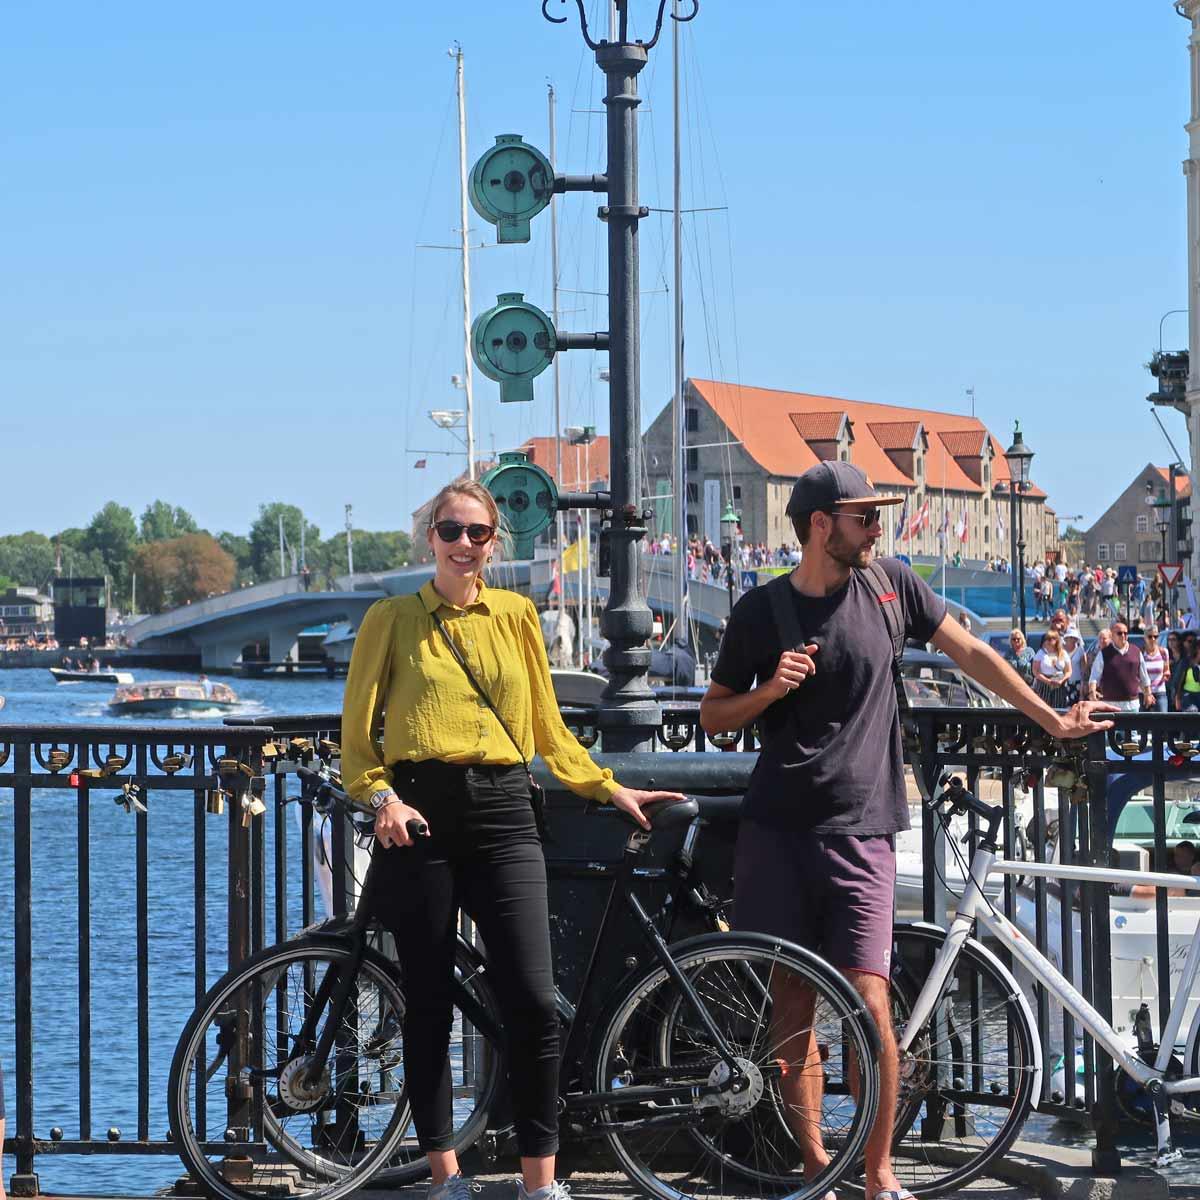 Linda mit Fahrrad am Nyhavn entlang der Kopenhagen Sehenswürdigkeiten